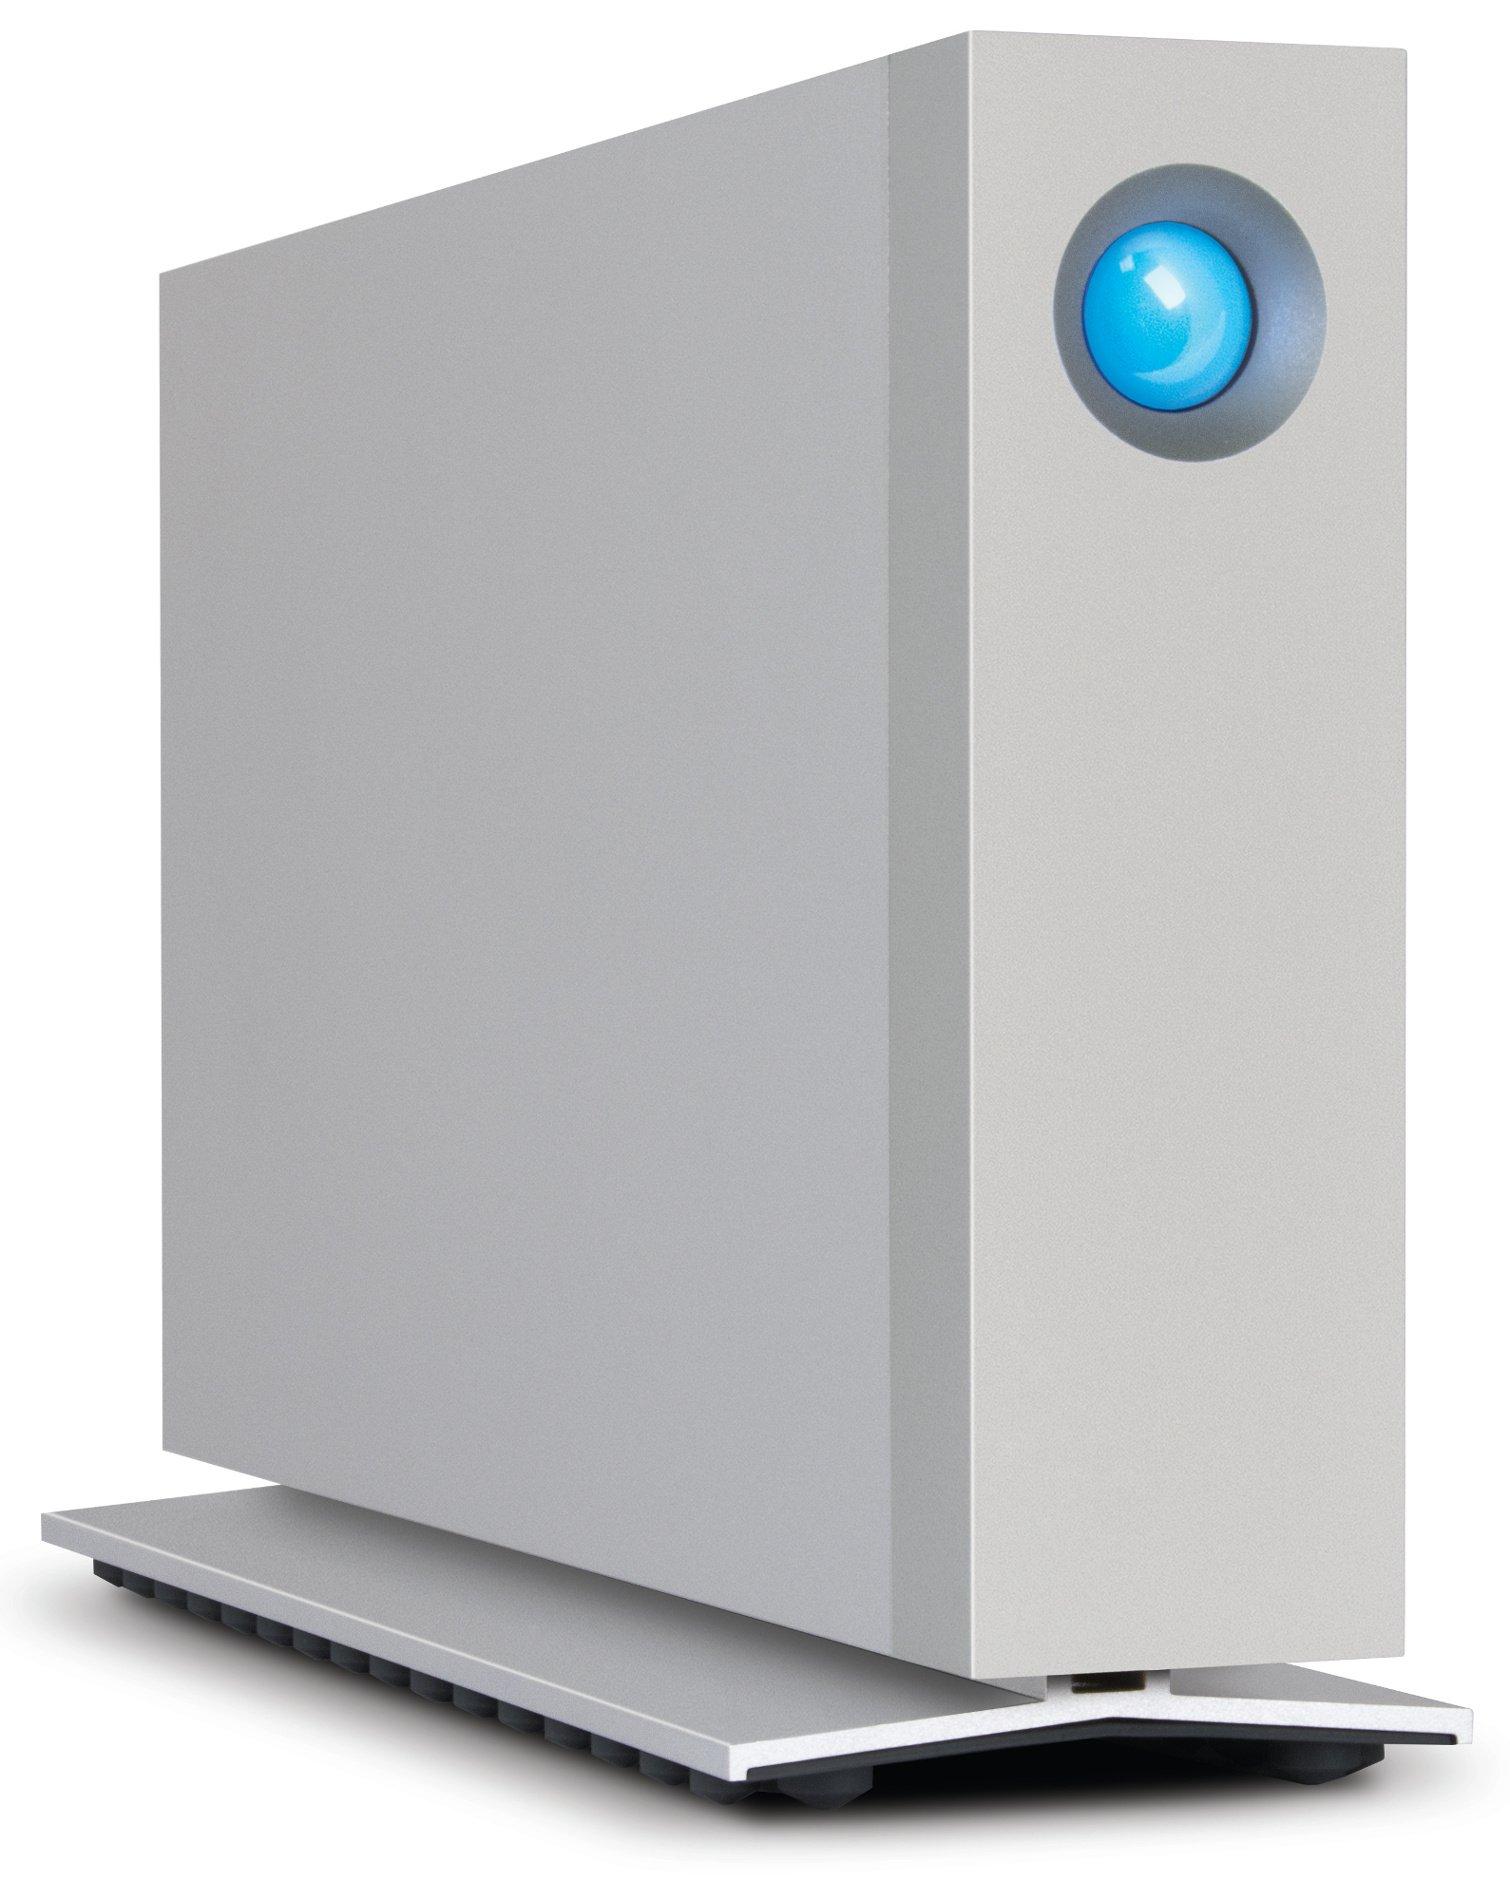 3TB Desktop Hard Drive, 220 MB/s